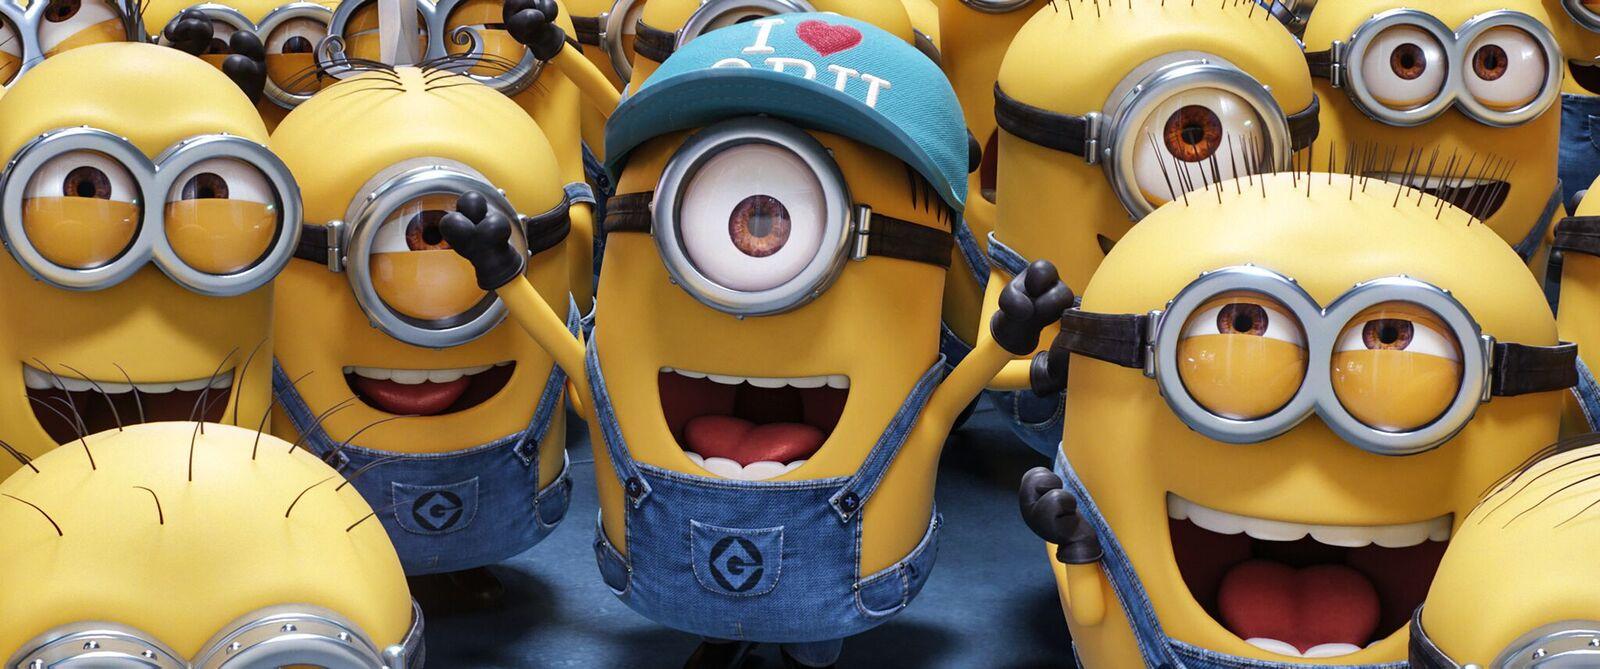 Who doesn't love the Minions?  Image: Illumination Media